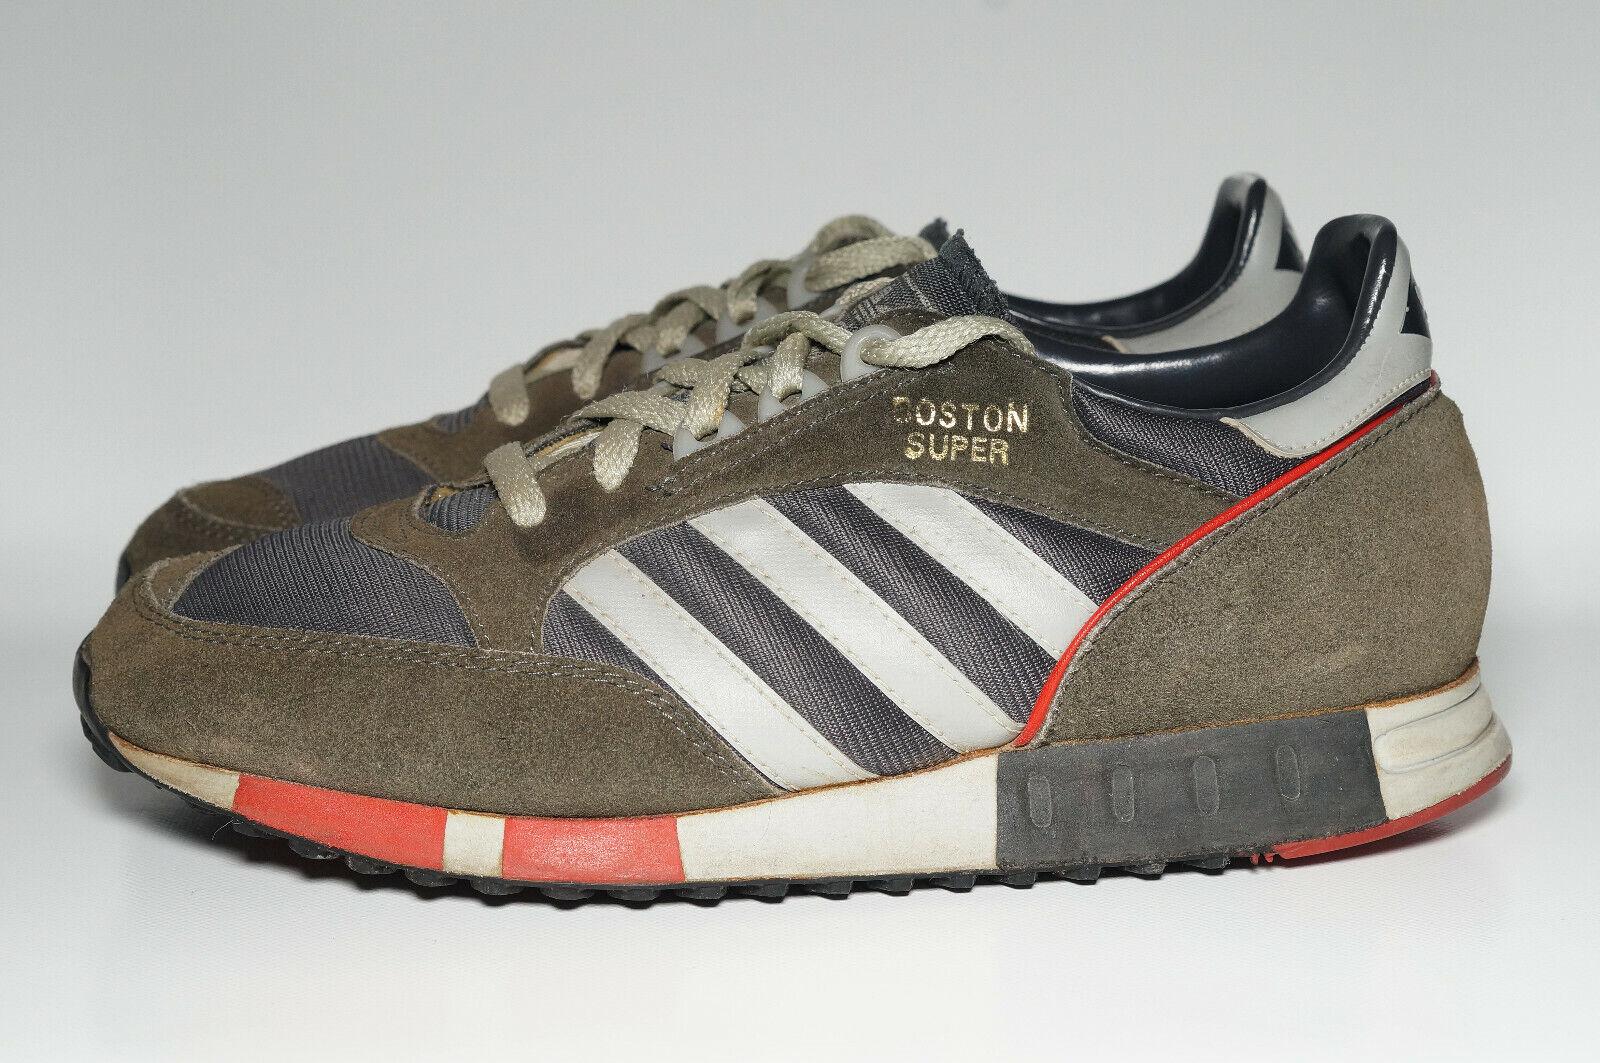 Adidas boston Super vintage cortos zapatillas de deporte tamaño 42